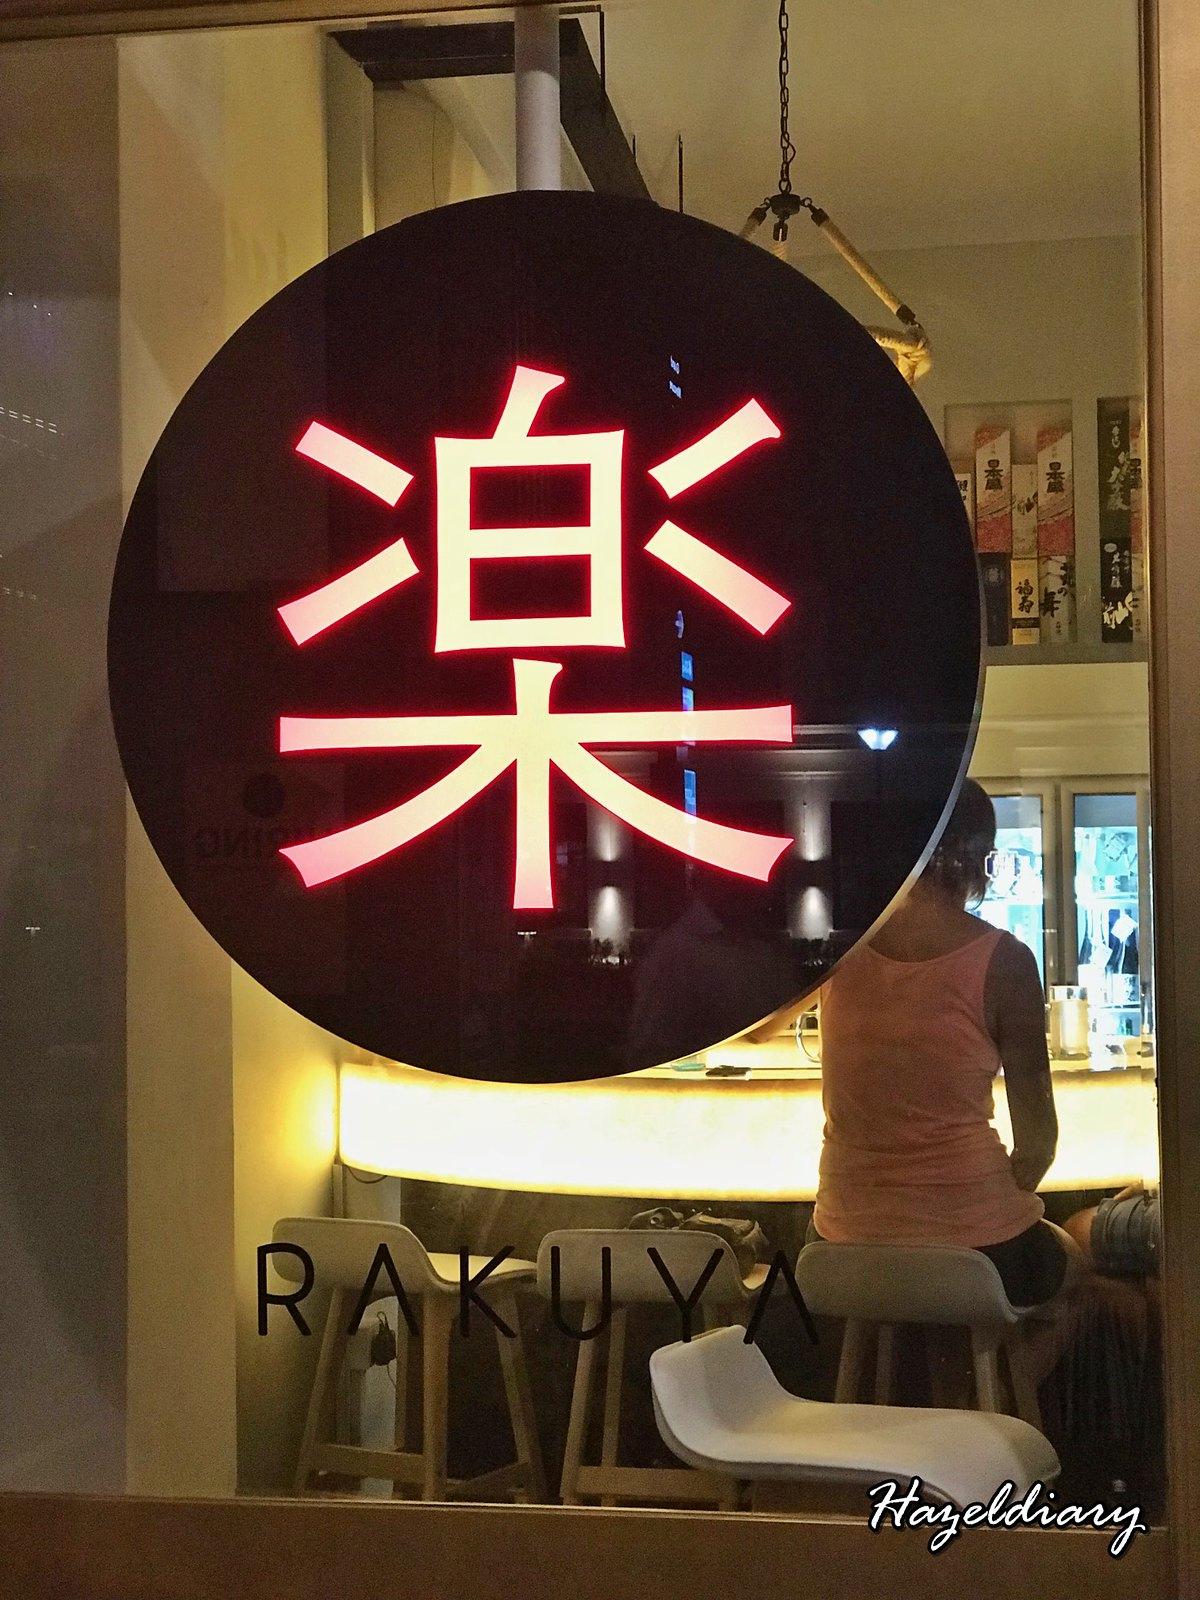 Rakuya-Katong